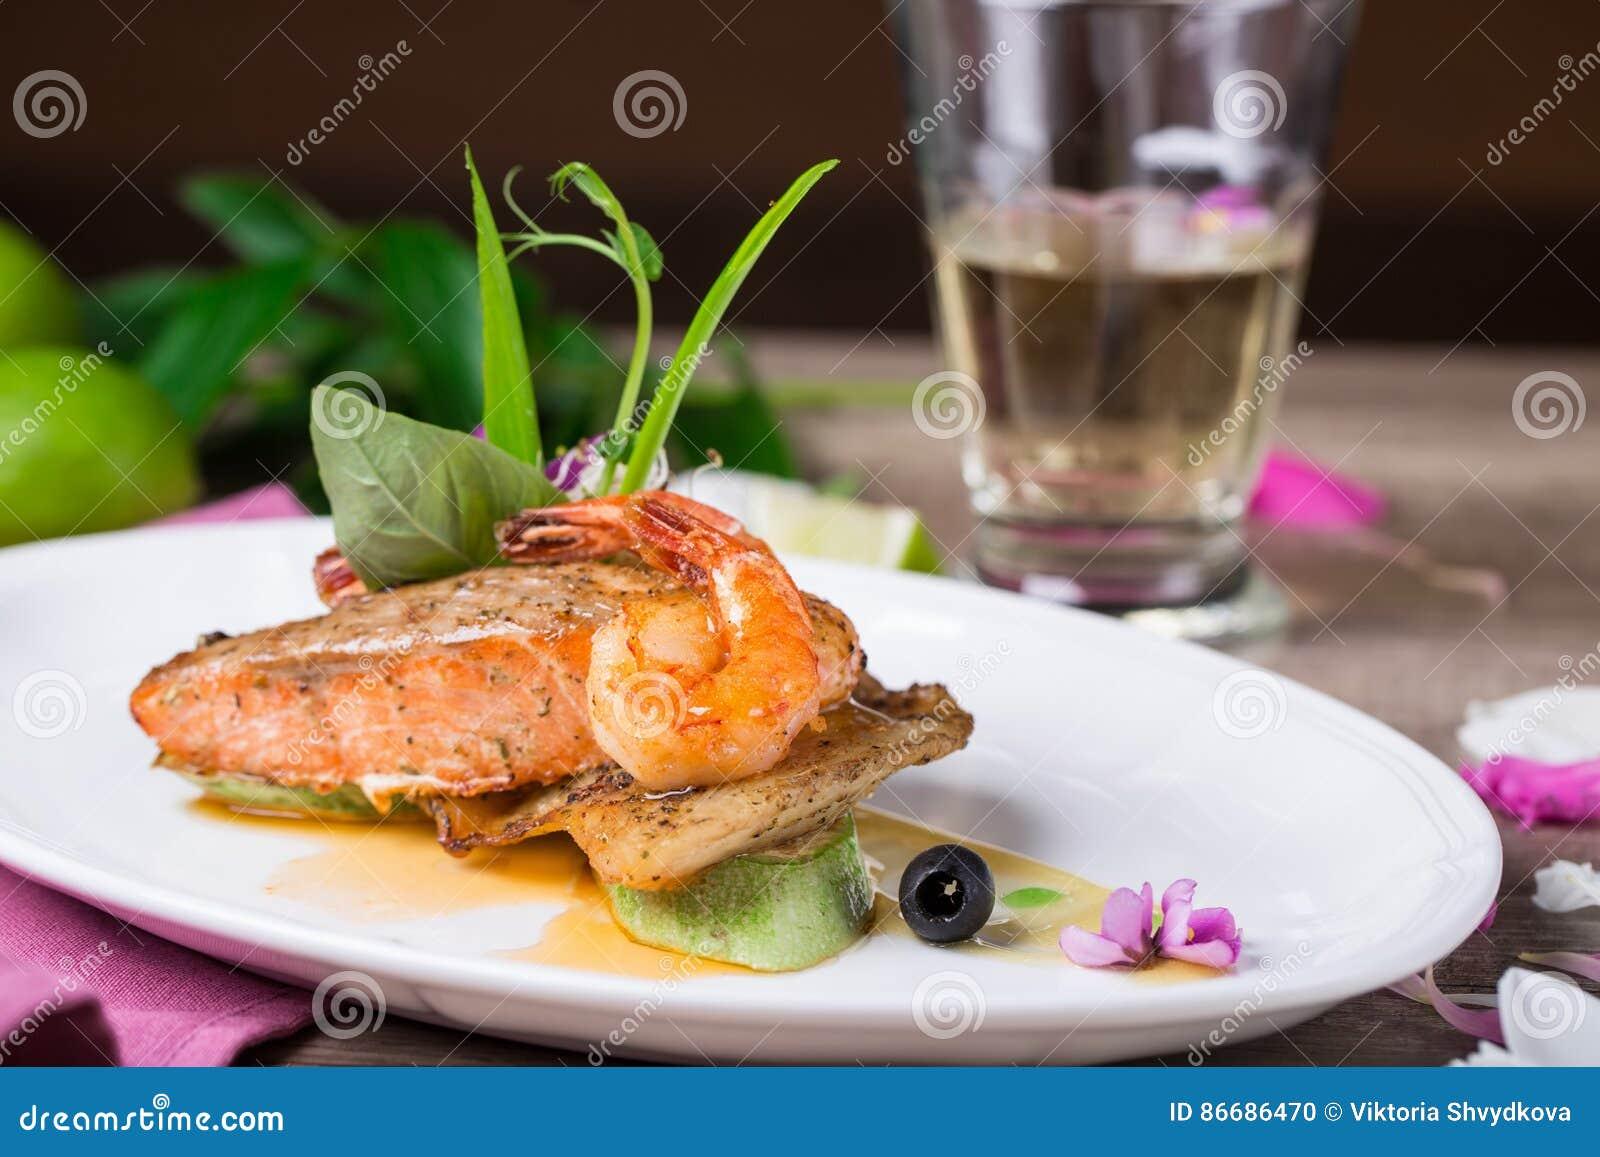 Ένα πιάτο του ψημένων στη σχάρα σολομού και των γαρίδων